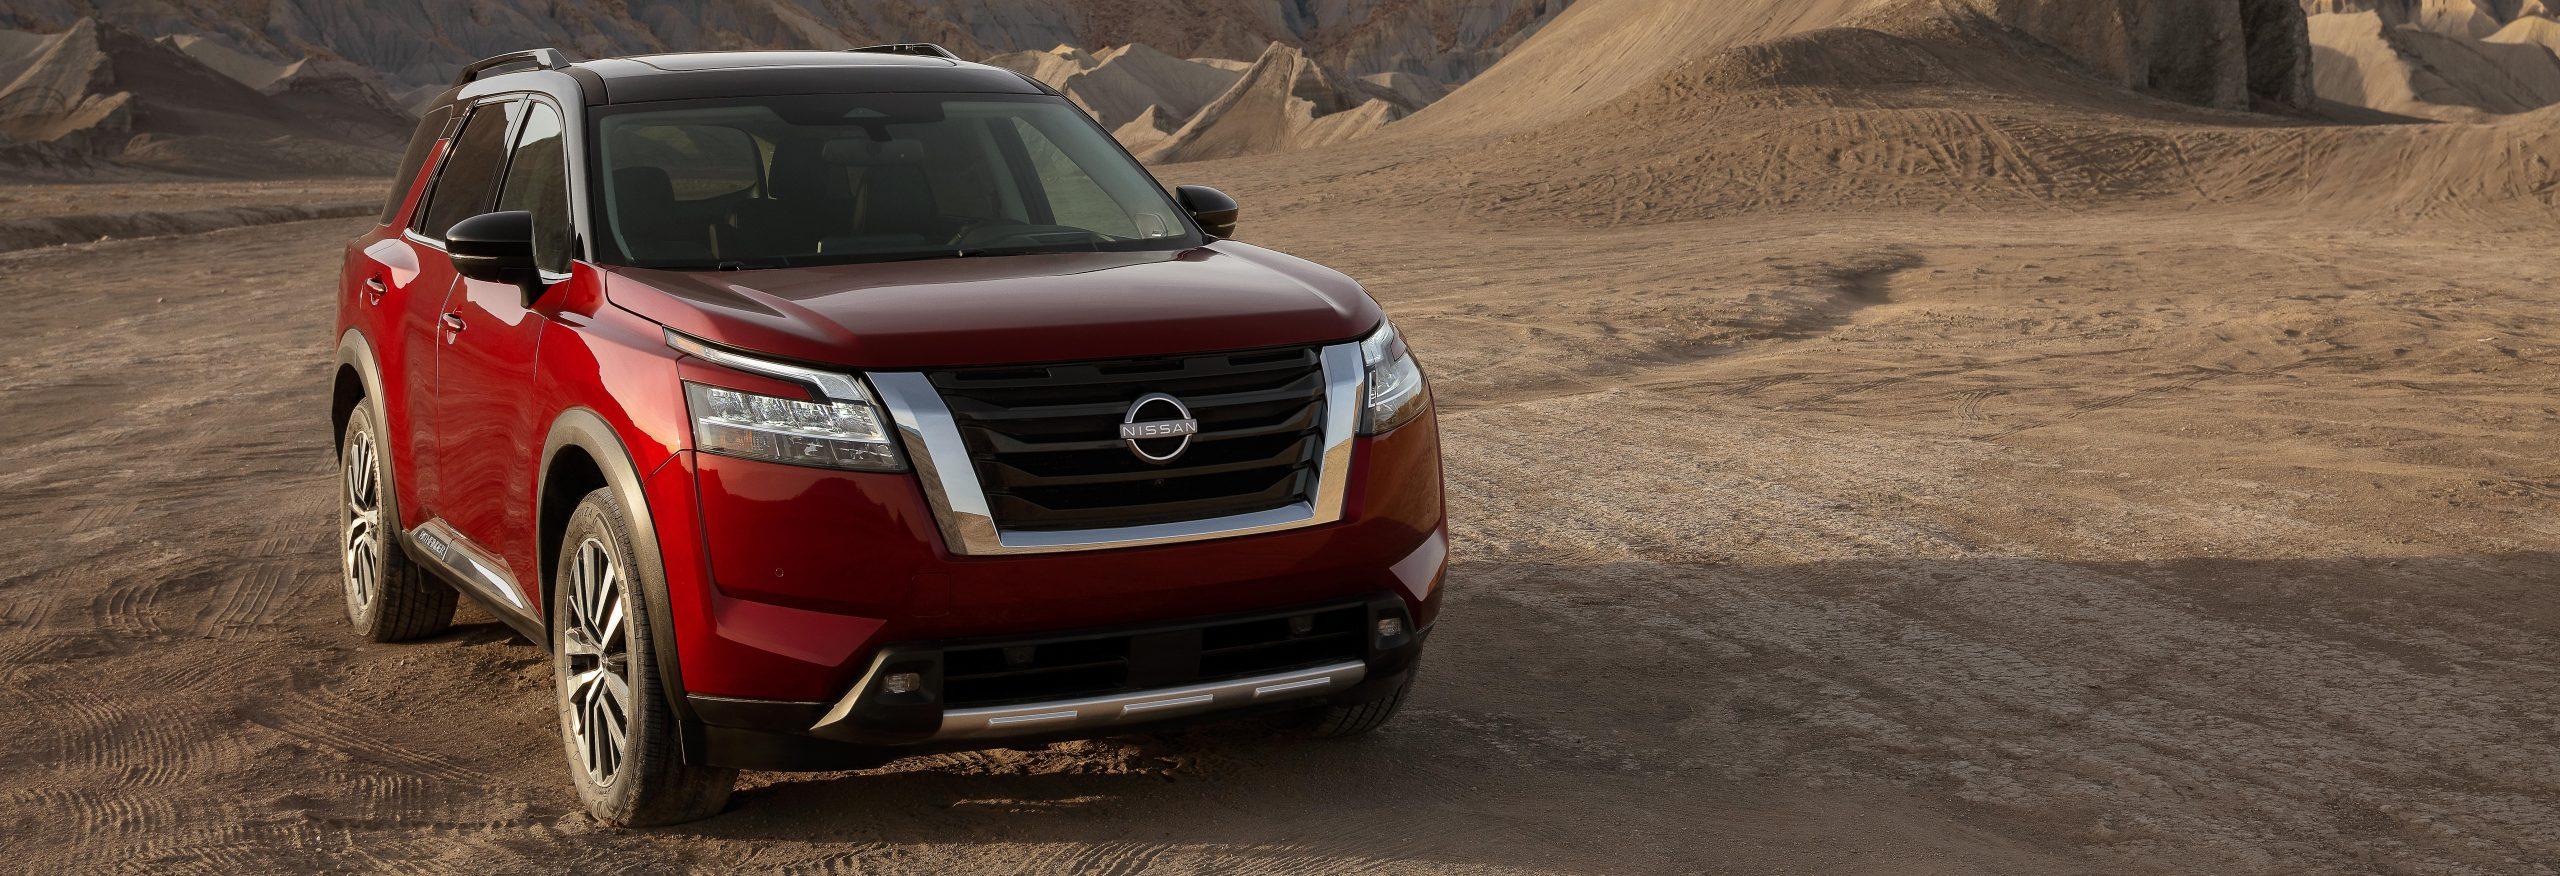 Nissan Pathfinder brownsville